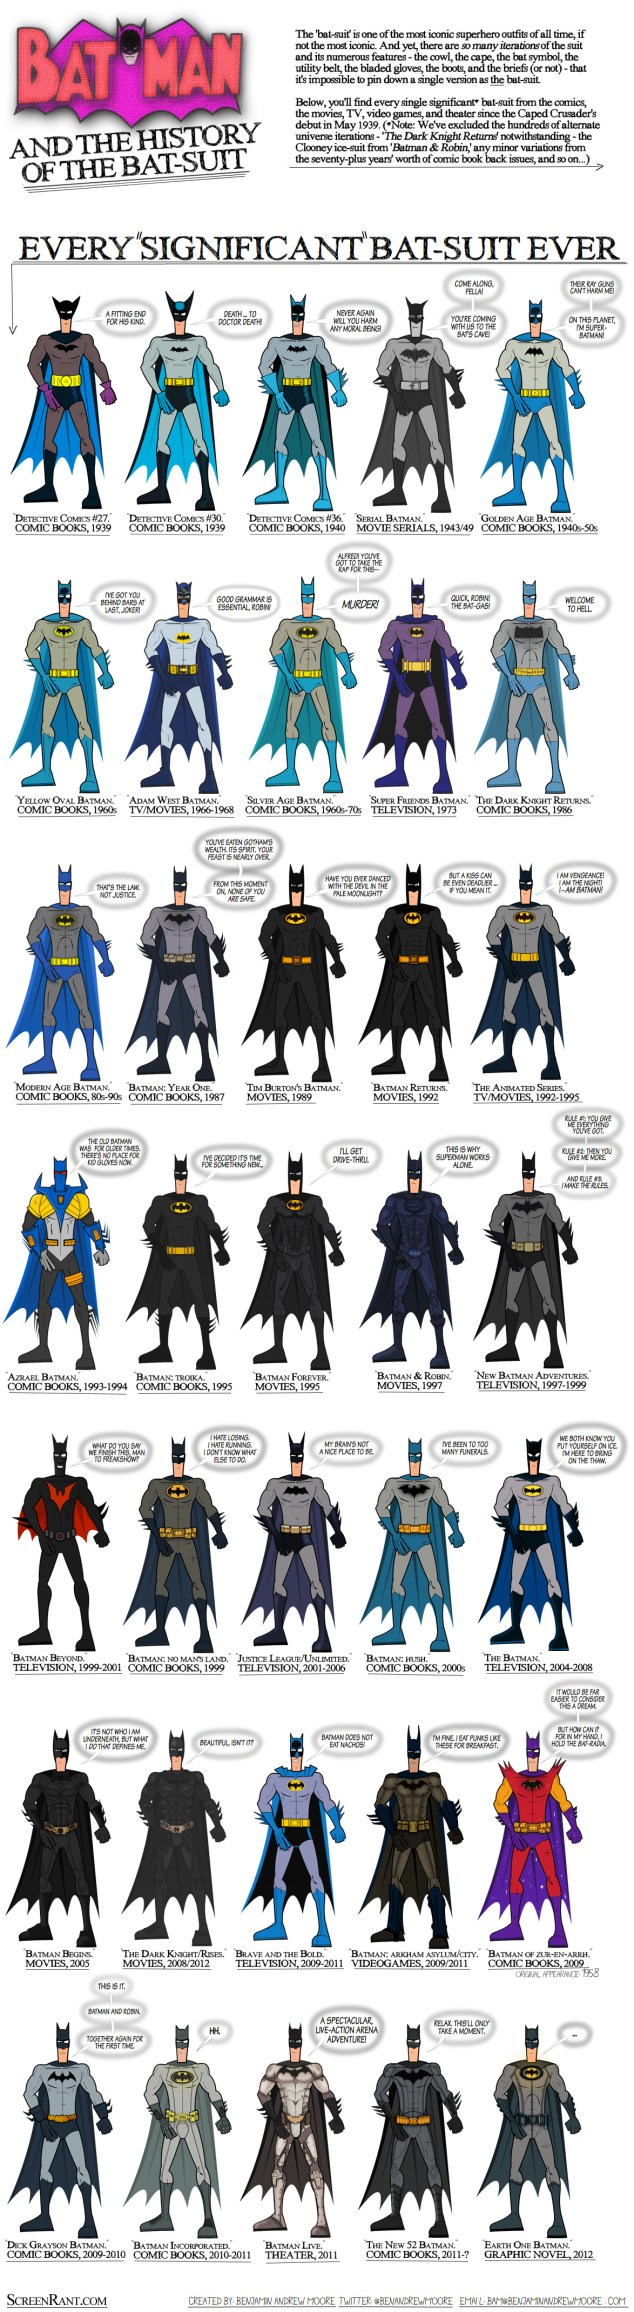 La evolución del traje de Batman a través de los años - batman-infographic-every-batsuit-benm-144238